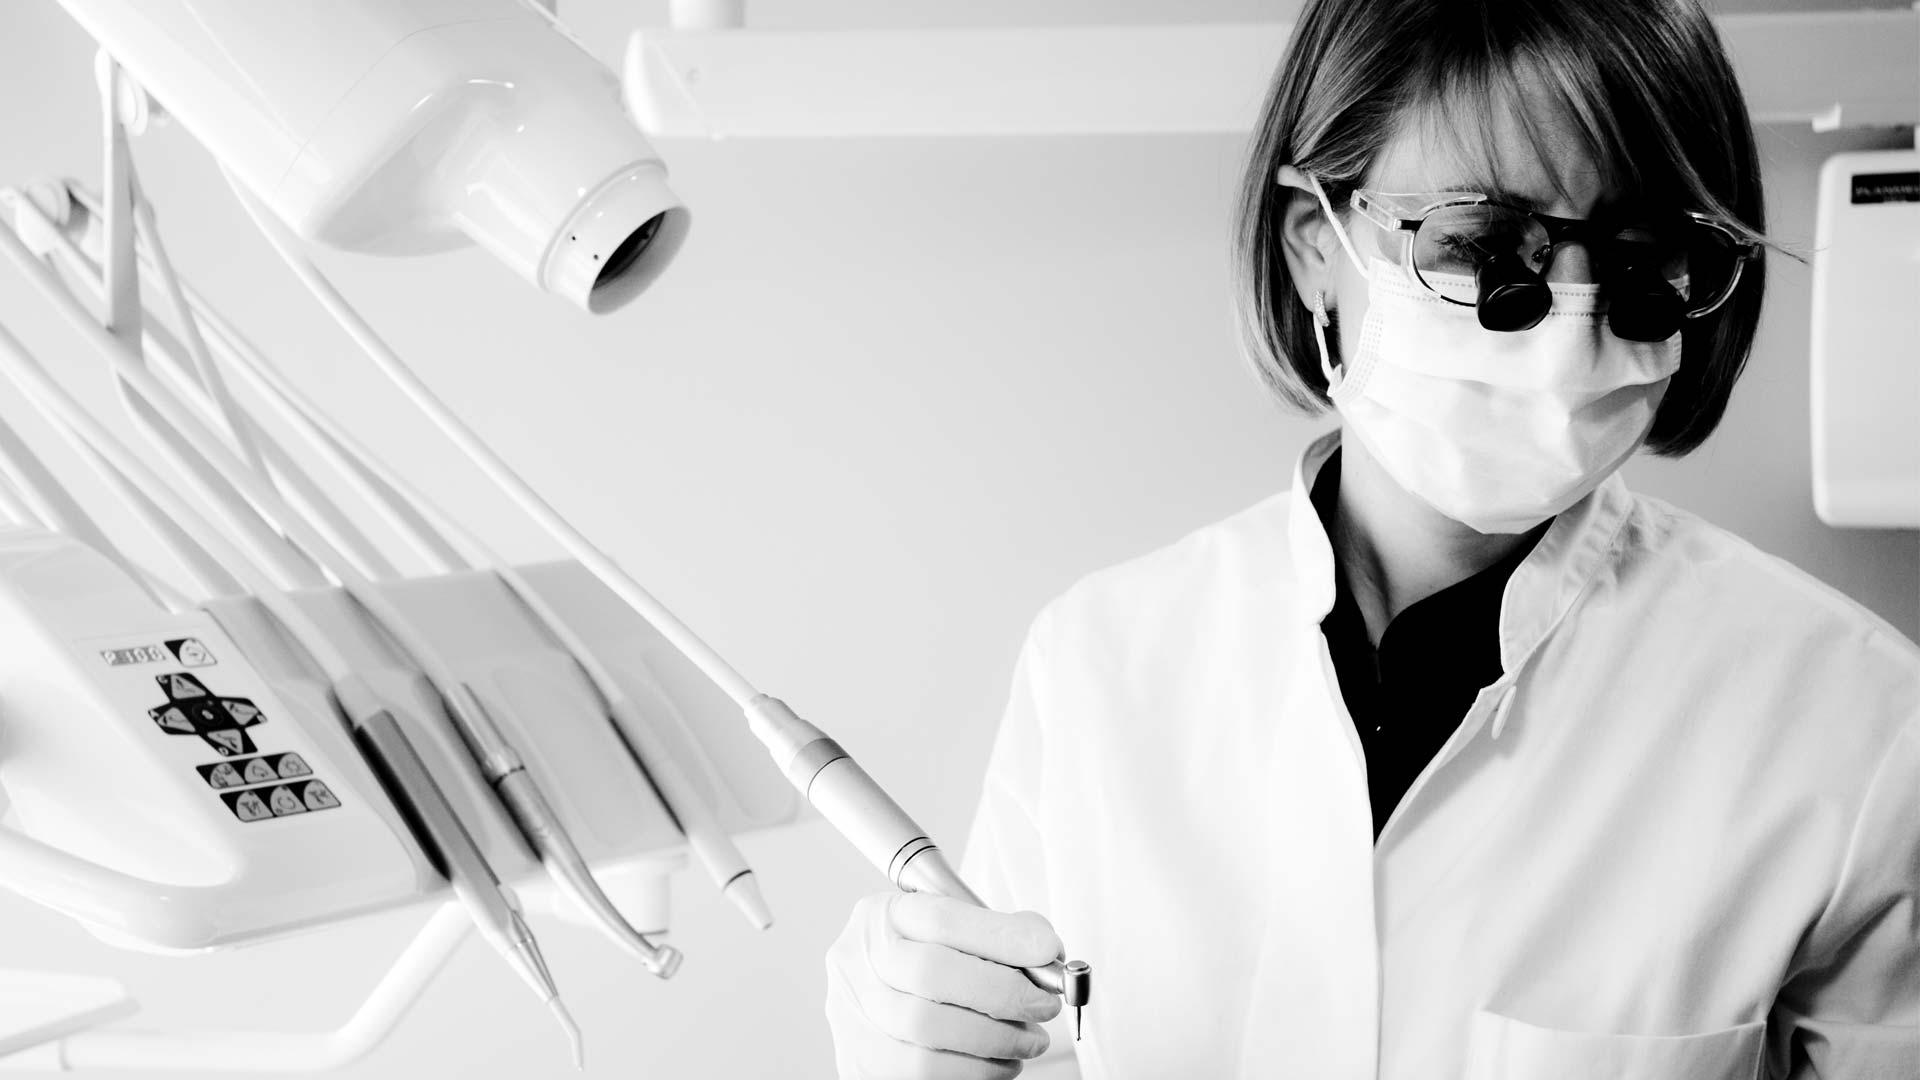 La Dra. Mya S. Choufani lleva una máscara quirúrgica y lupas dentales en Clínica Cloe en Madrid